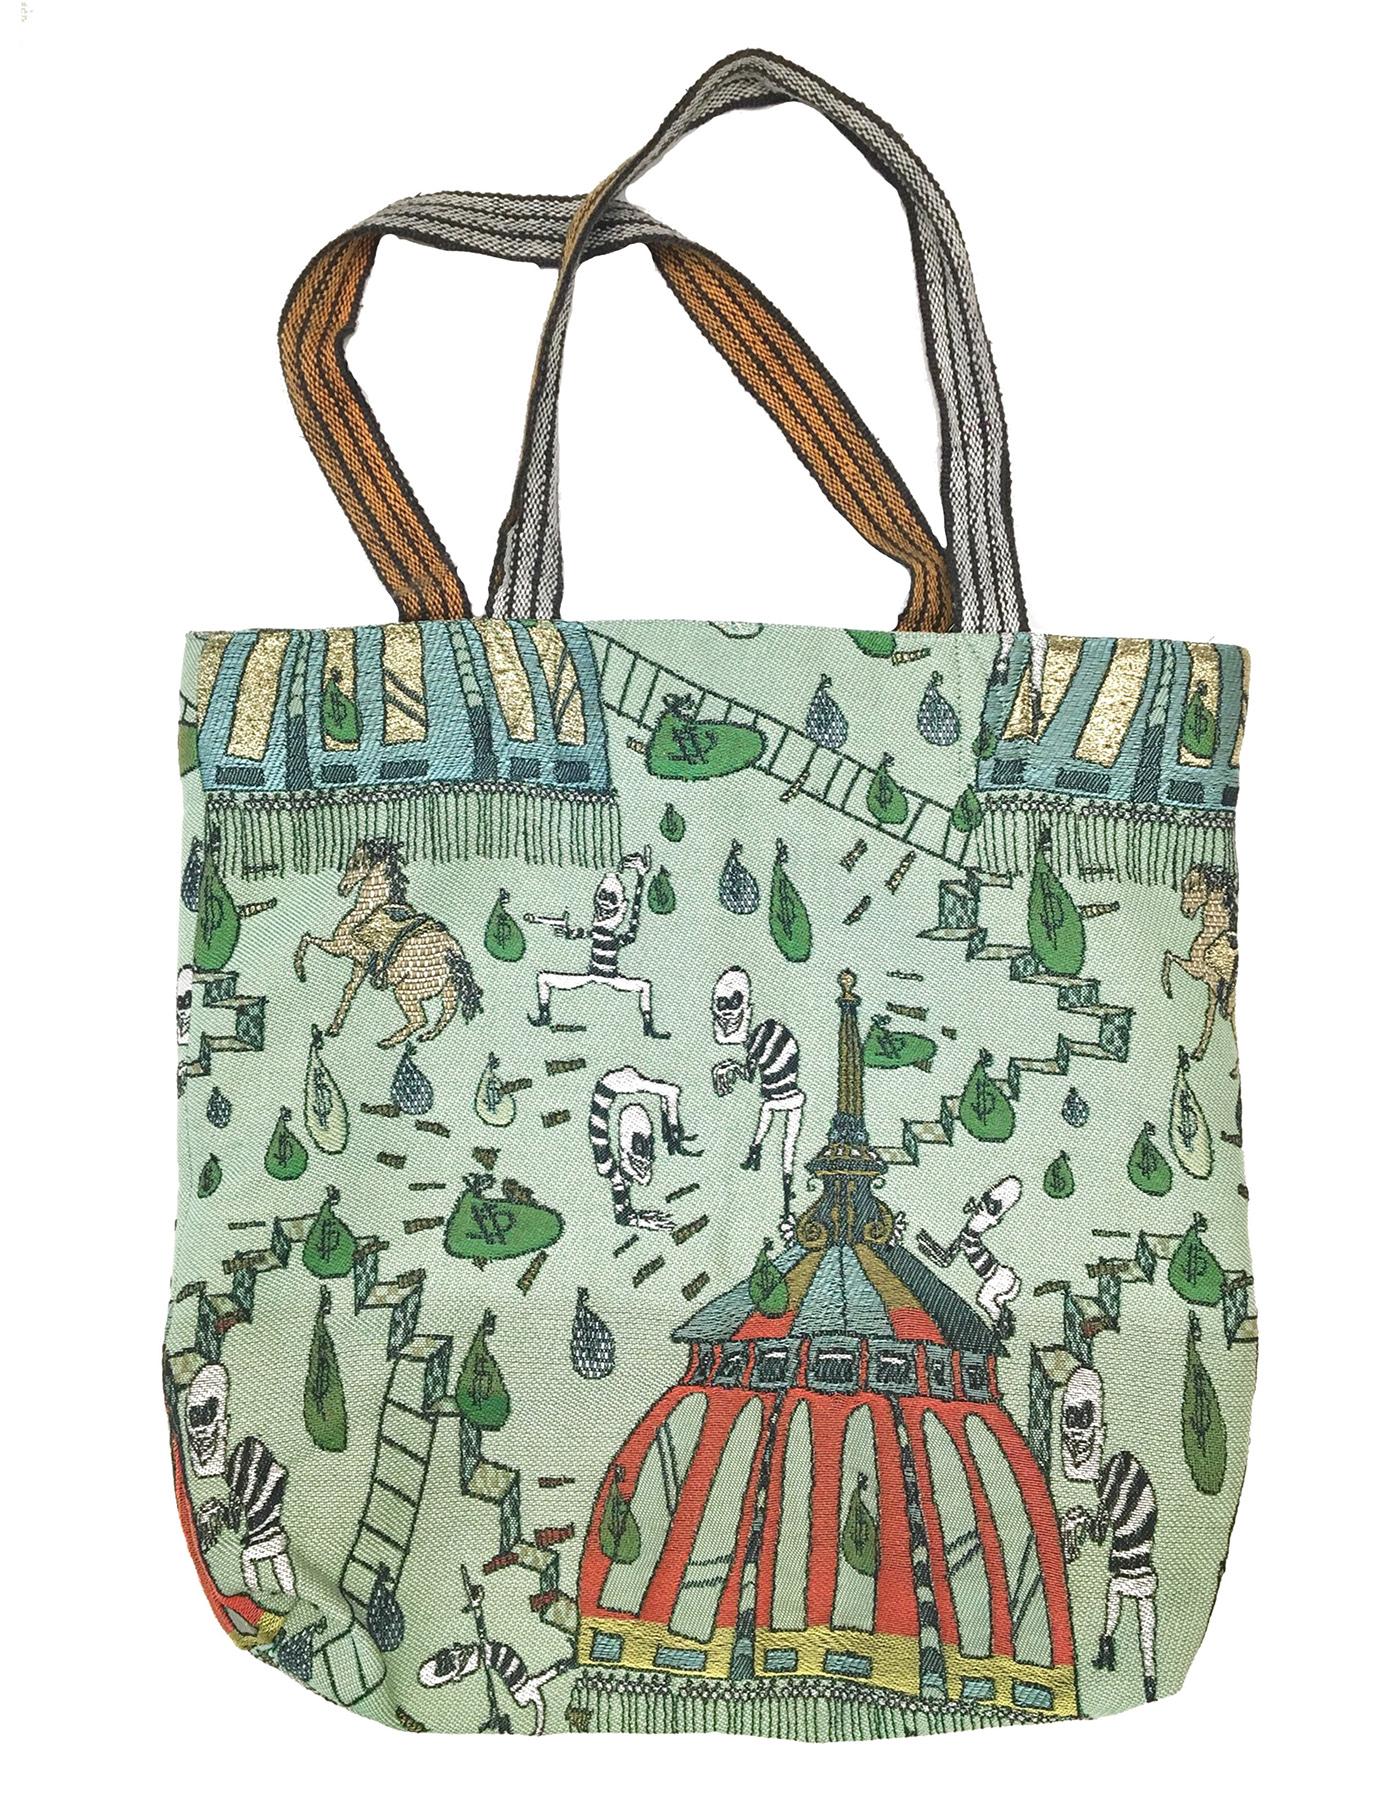 Image may contain: accessory, bag and handbag